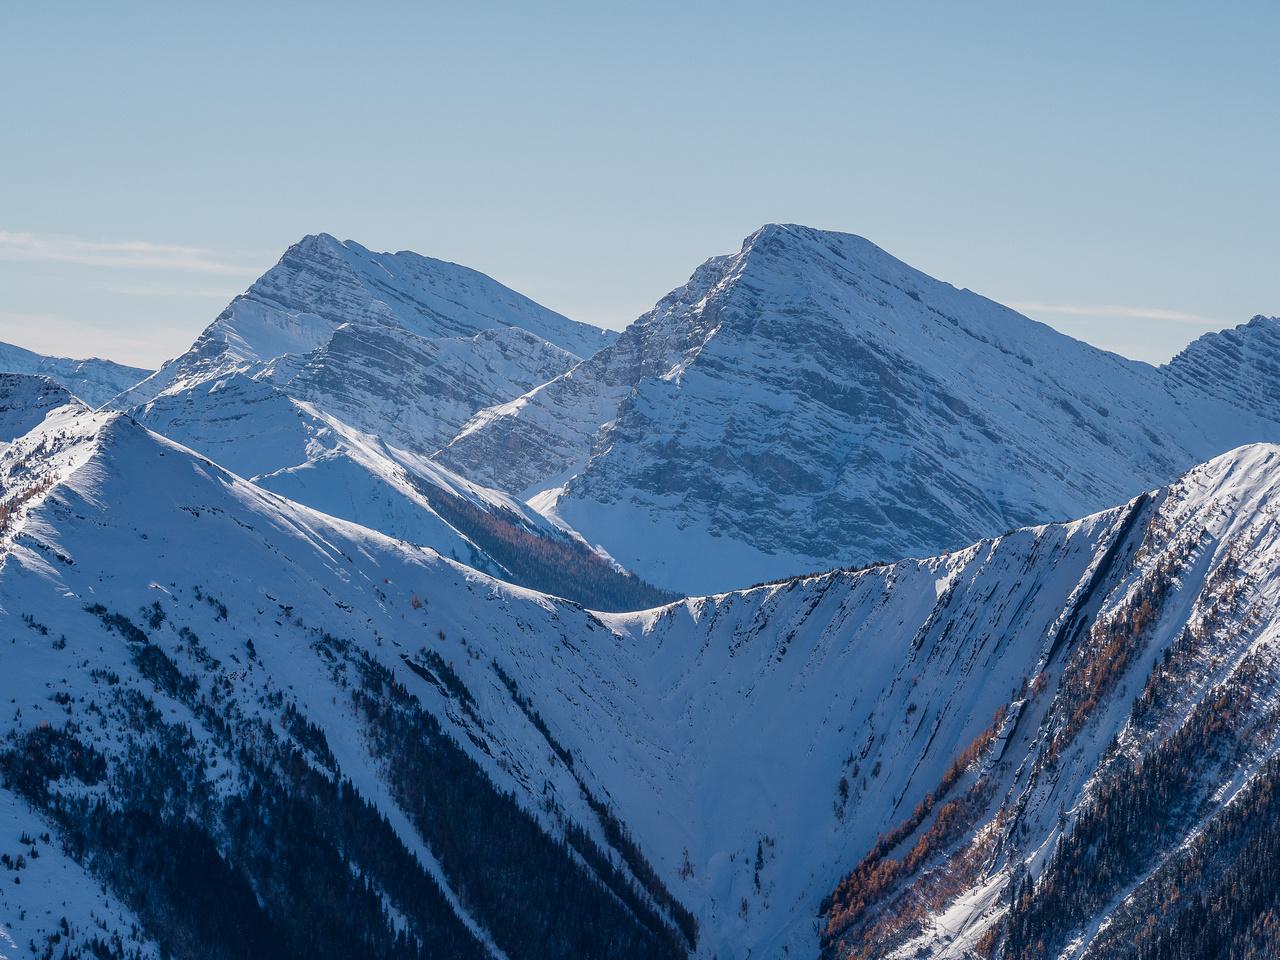 Looking SW towards Mount Bishop.